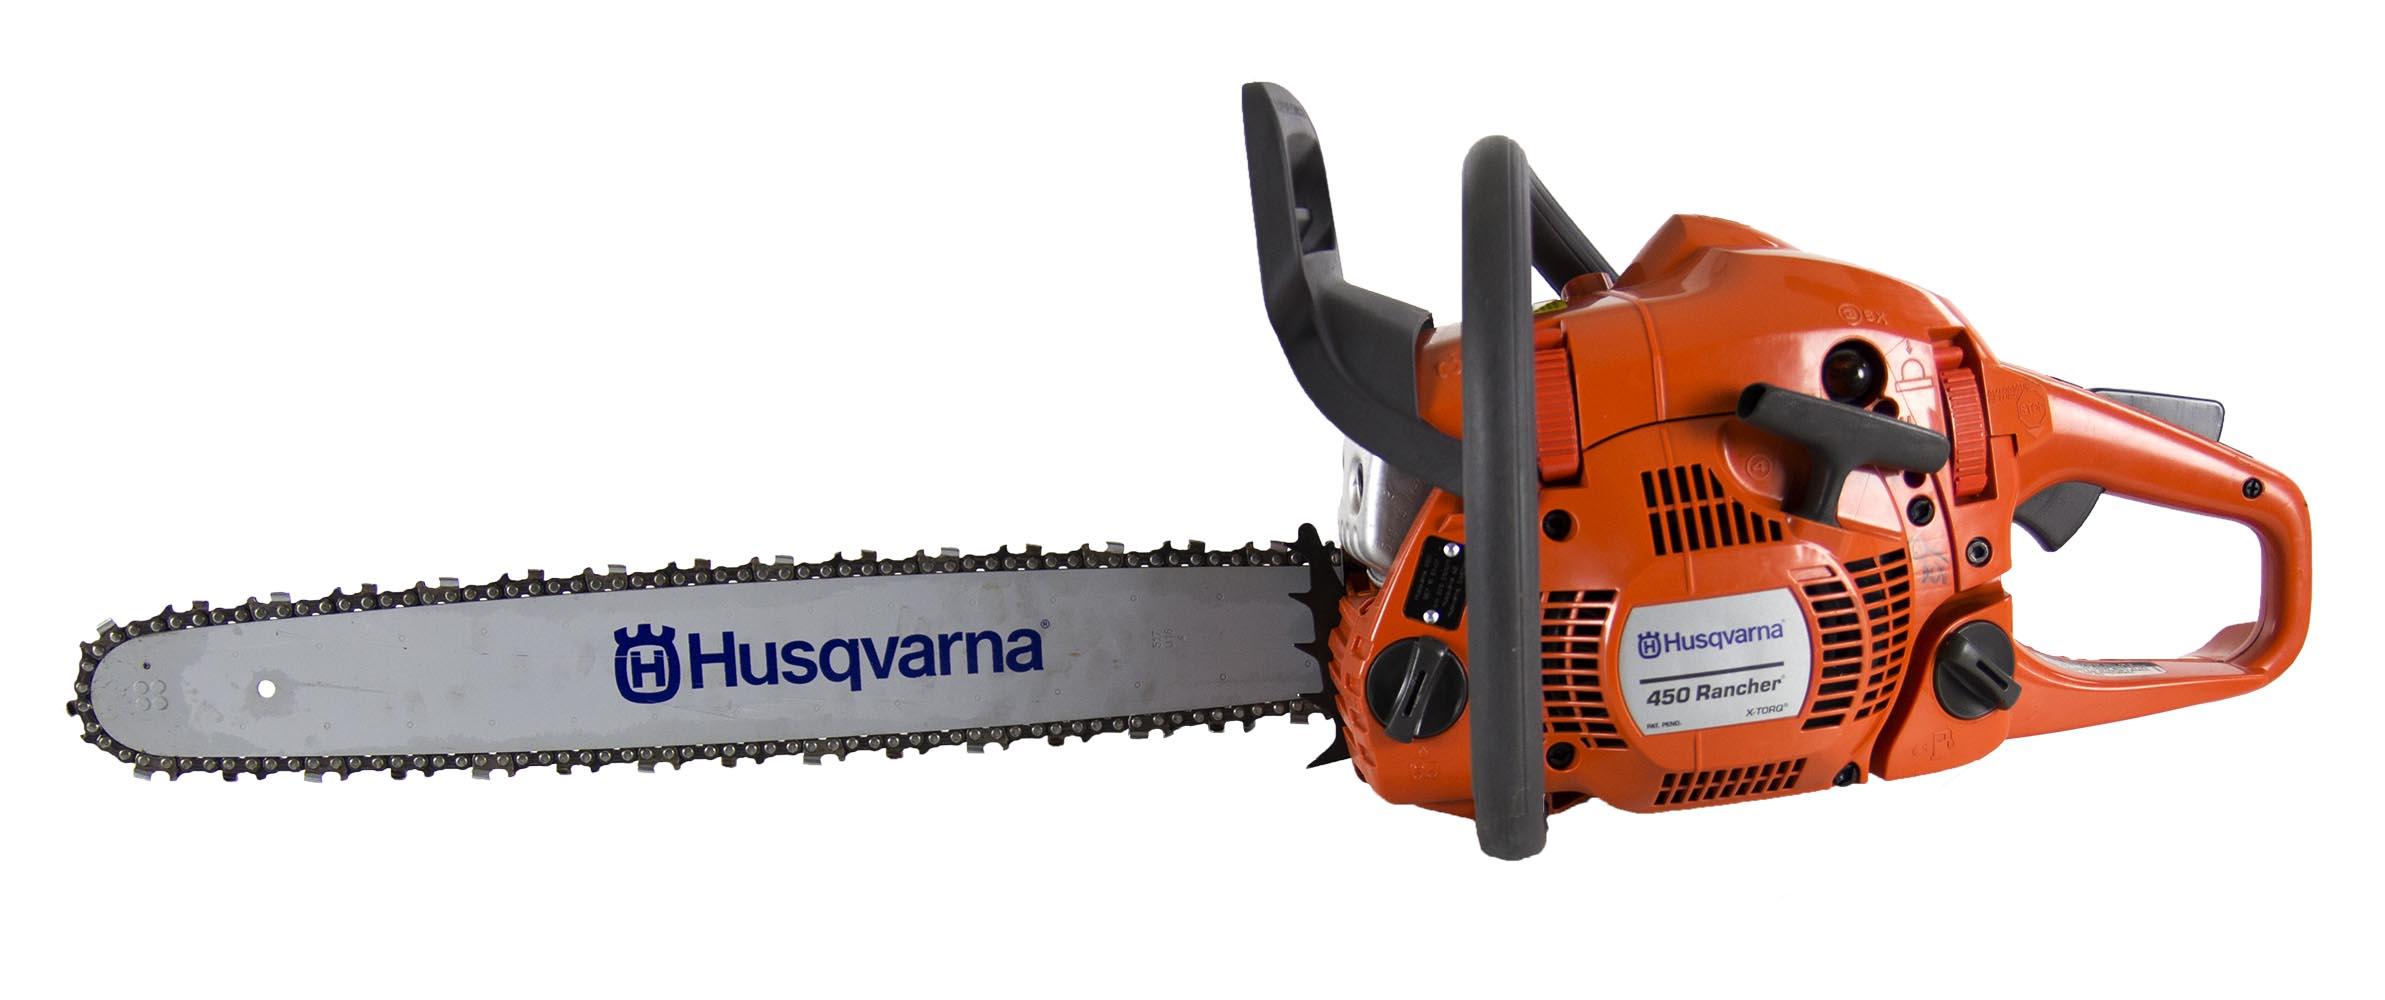 Бензопилы husqvarna: устройство, неисправности и ремонт, обзор моделей